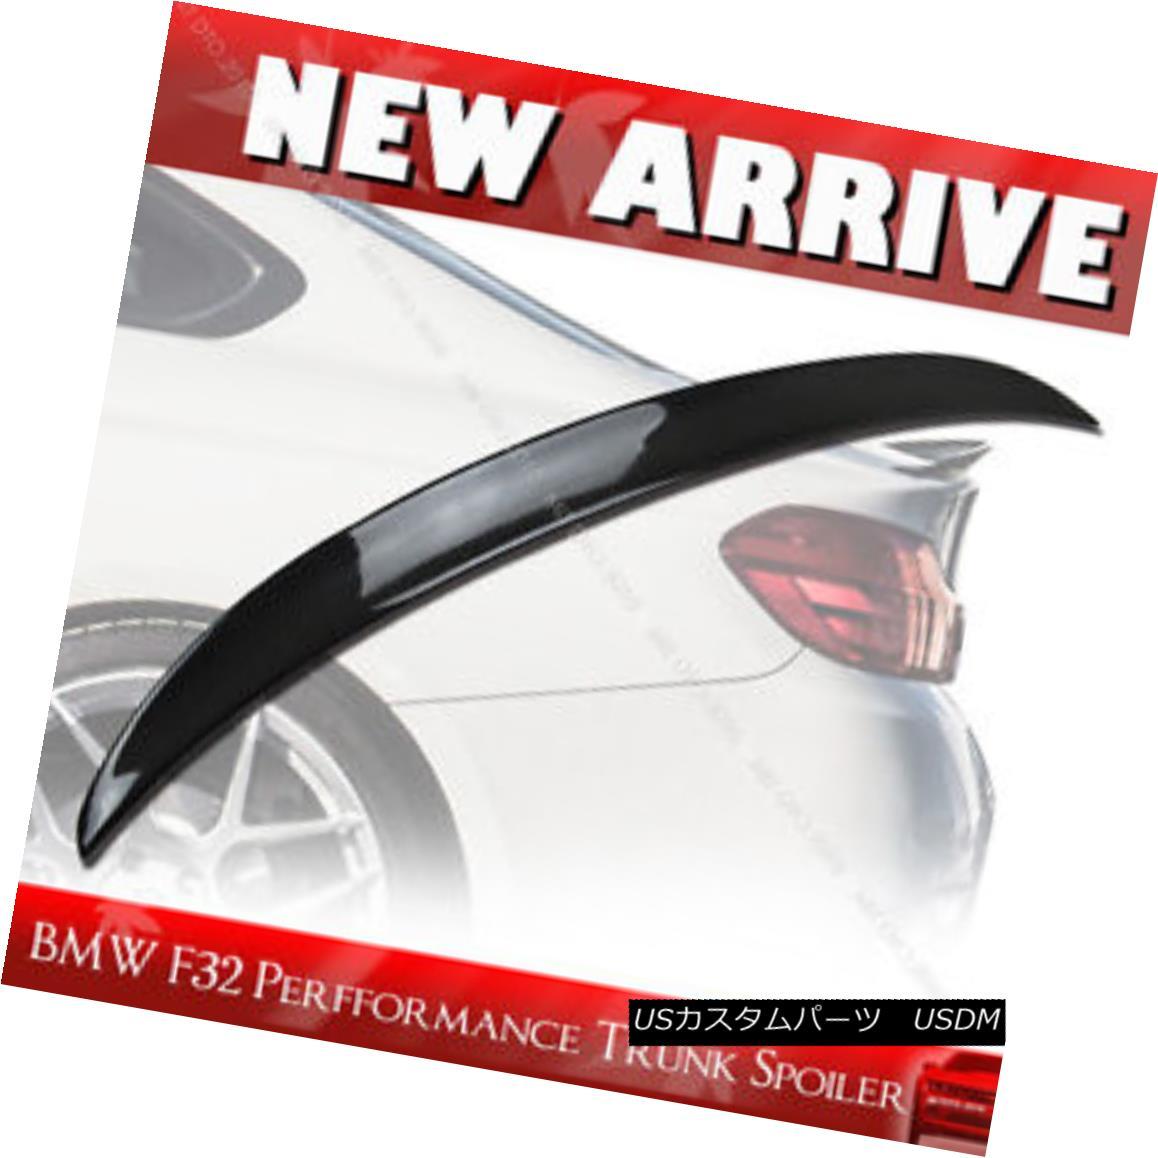 エアロパーツ Carbon Fiber BMW F32 420i 428i Performance P Type Rear Trunk Spoiler Wing+§ カーボンファイバーBMW F32 420i 428iパフォーマンスPタイプリアトランクスポイラーウイング+